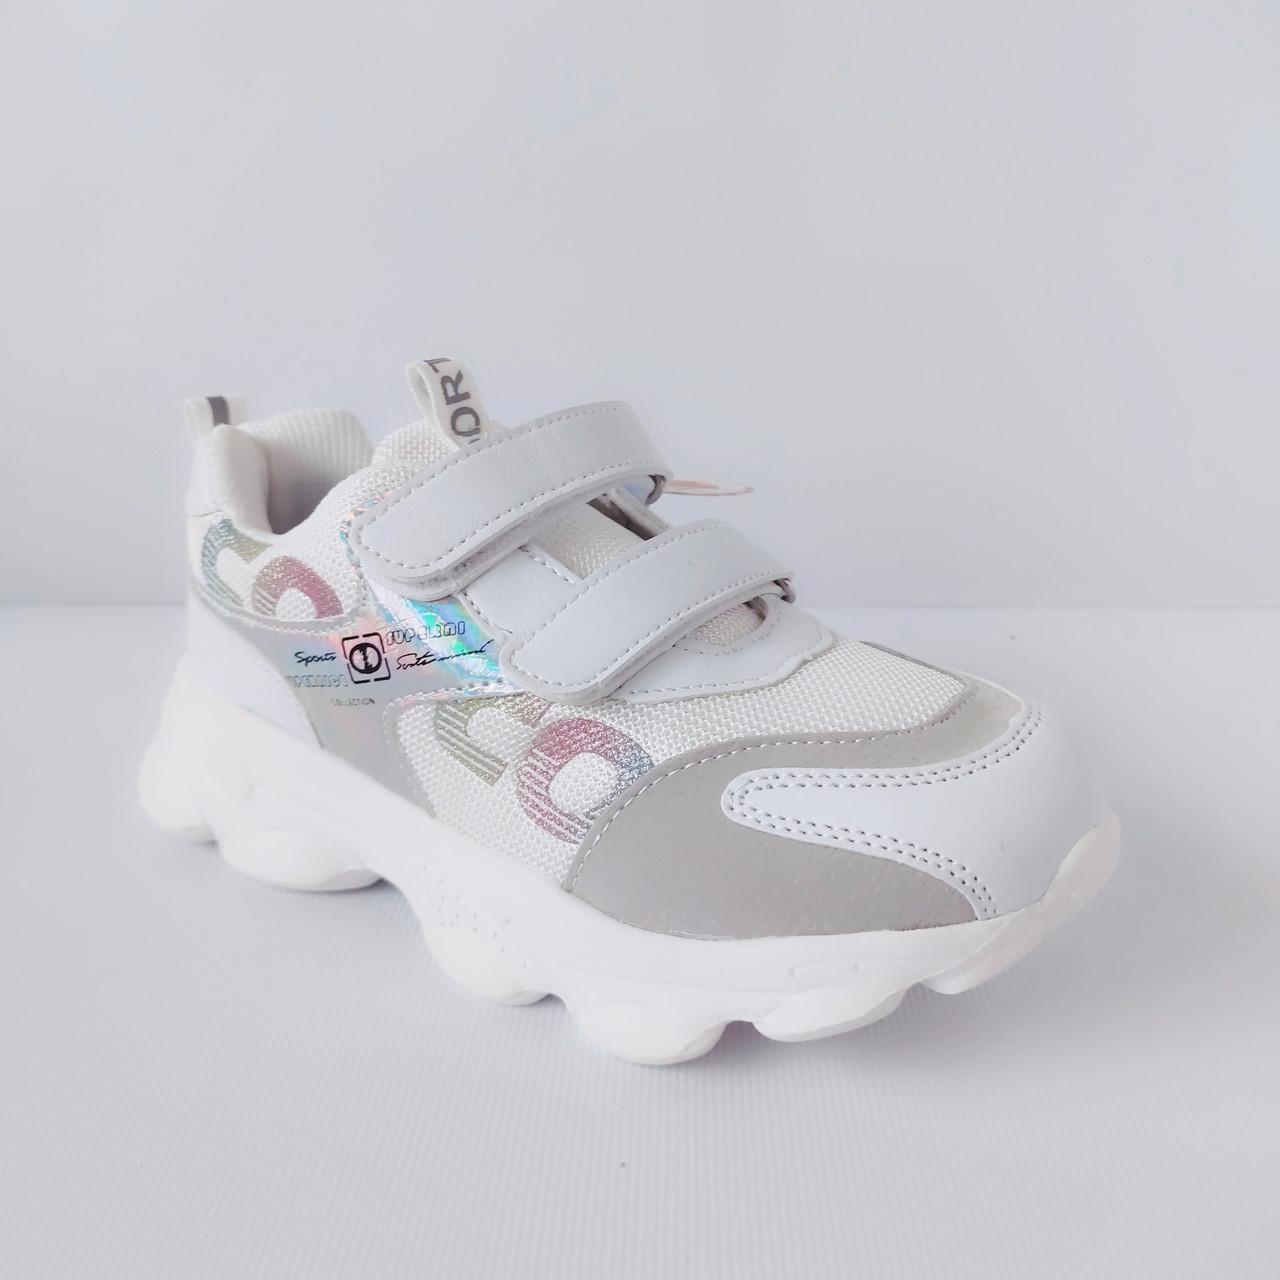 Белые кроссовки от Том М девочкам, 33, 34, 35, 36 Деми, весна, осень, лето Томми